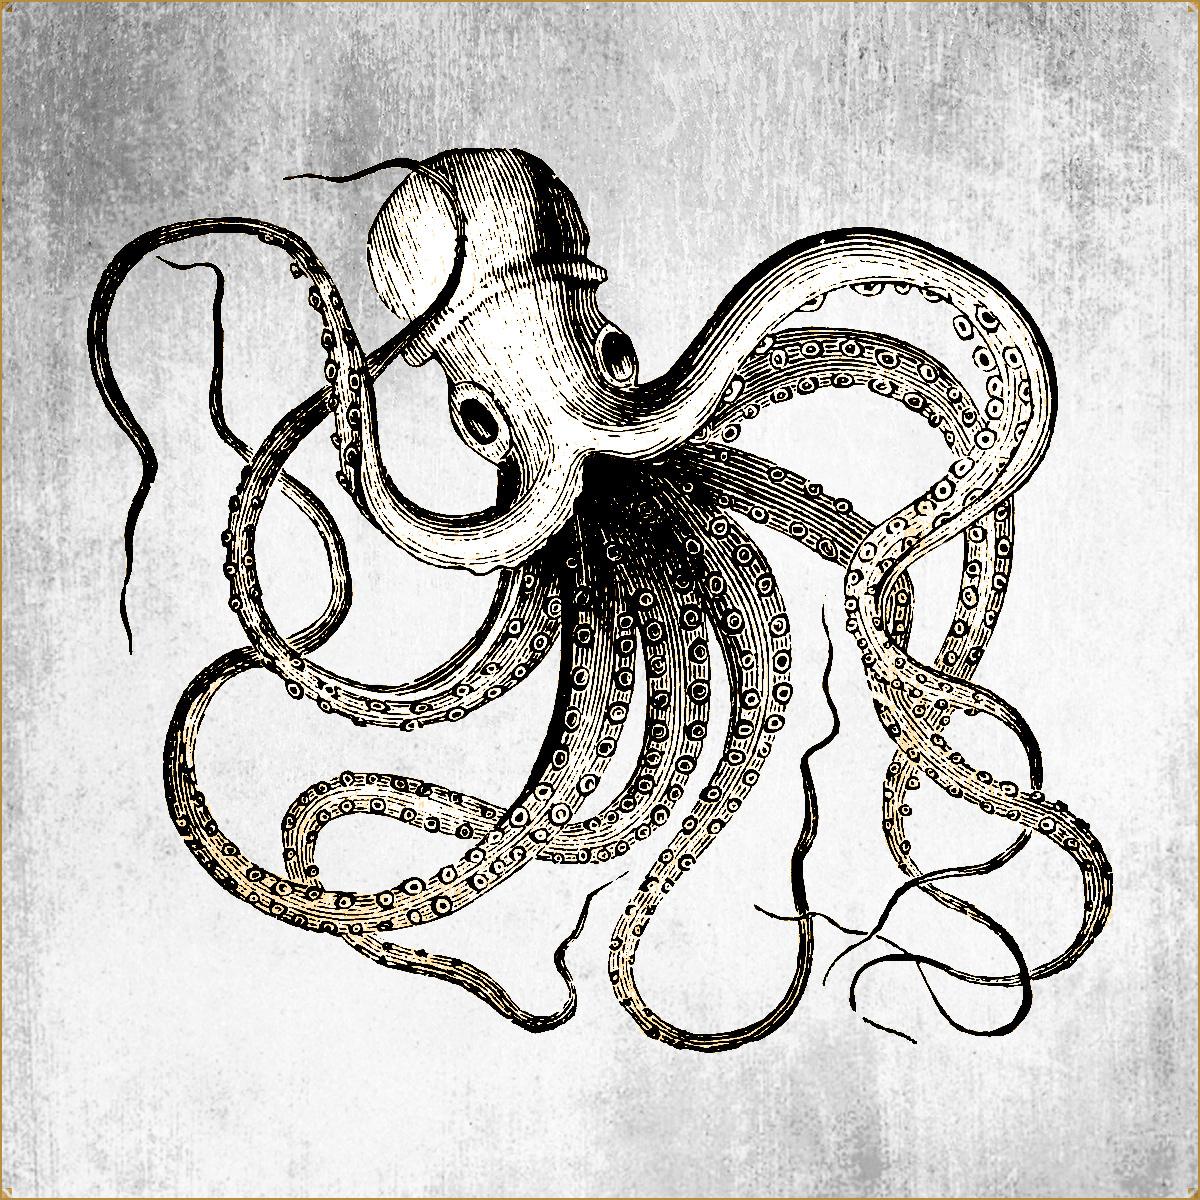 BricolArts - Artist profile picture - Polypus logo